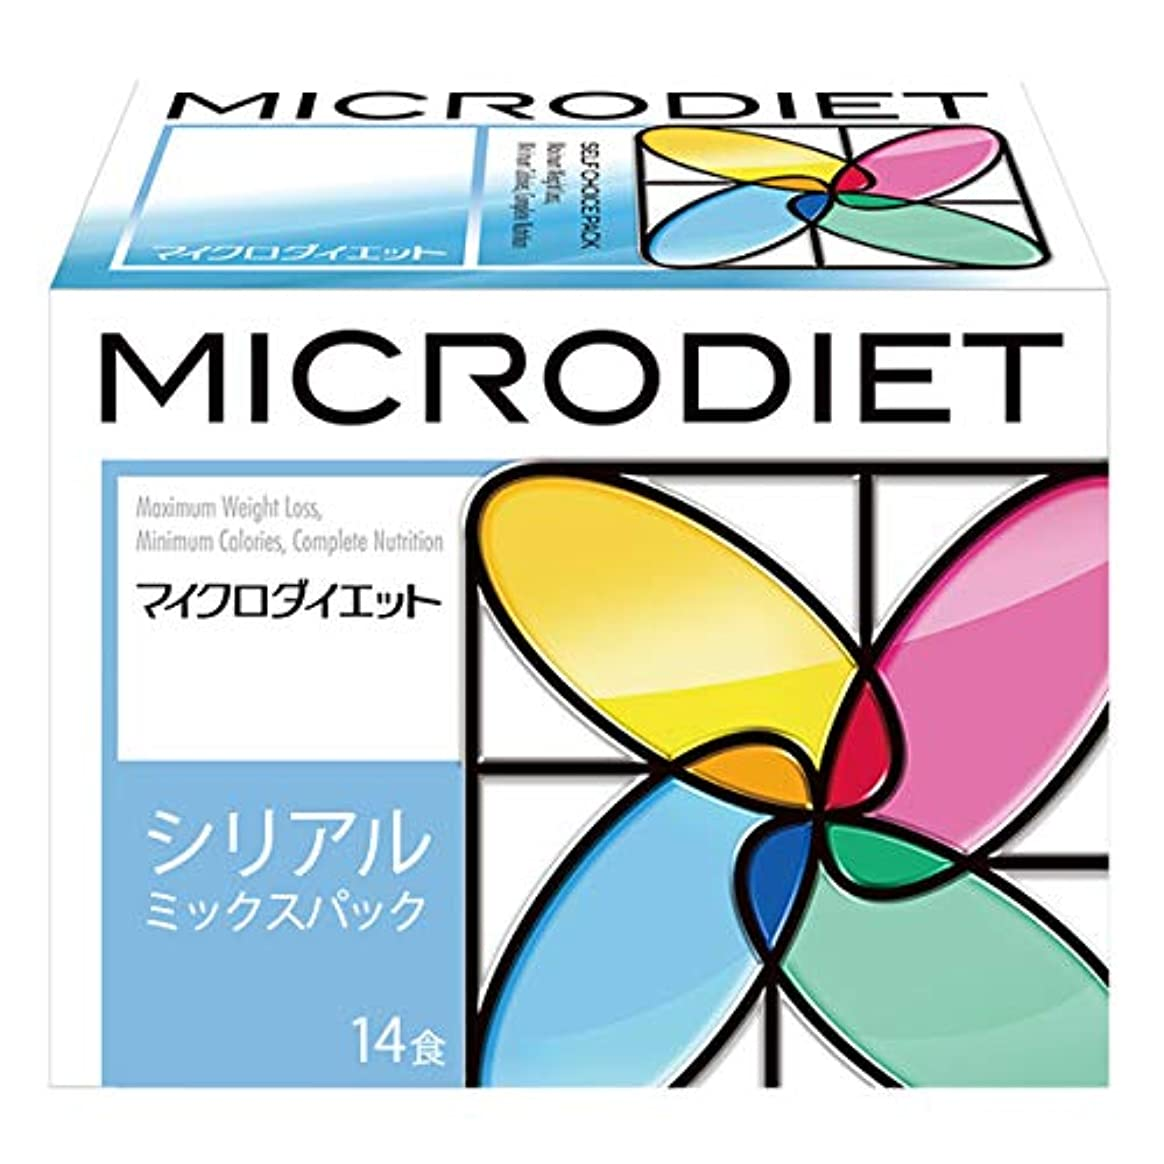 実現可能性気難しい受信マイクロダイエット シリアルミックスパック(14食)【6AMA2-07431】